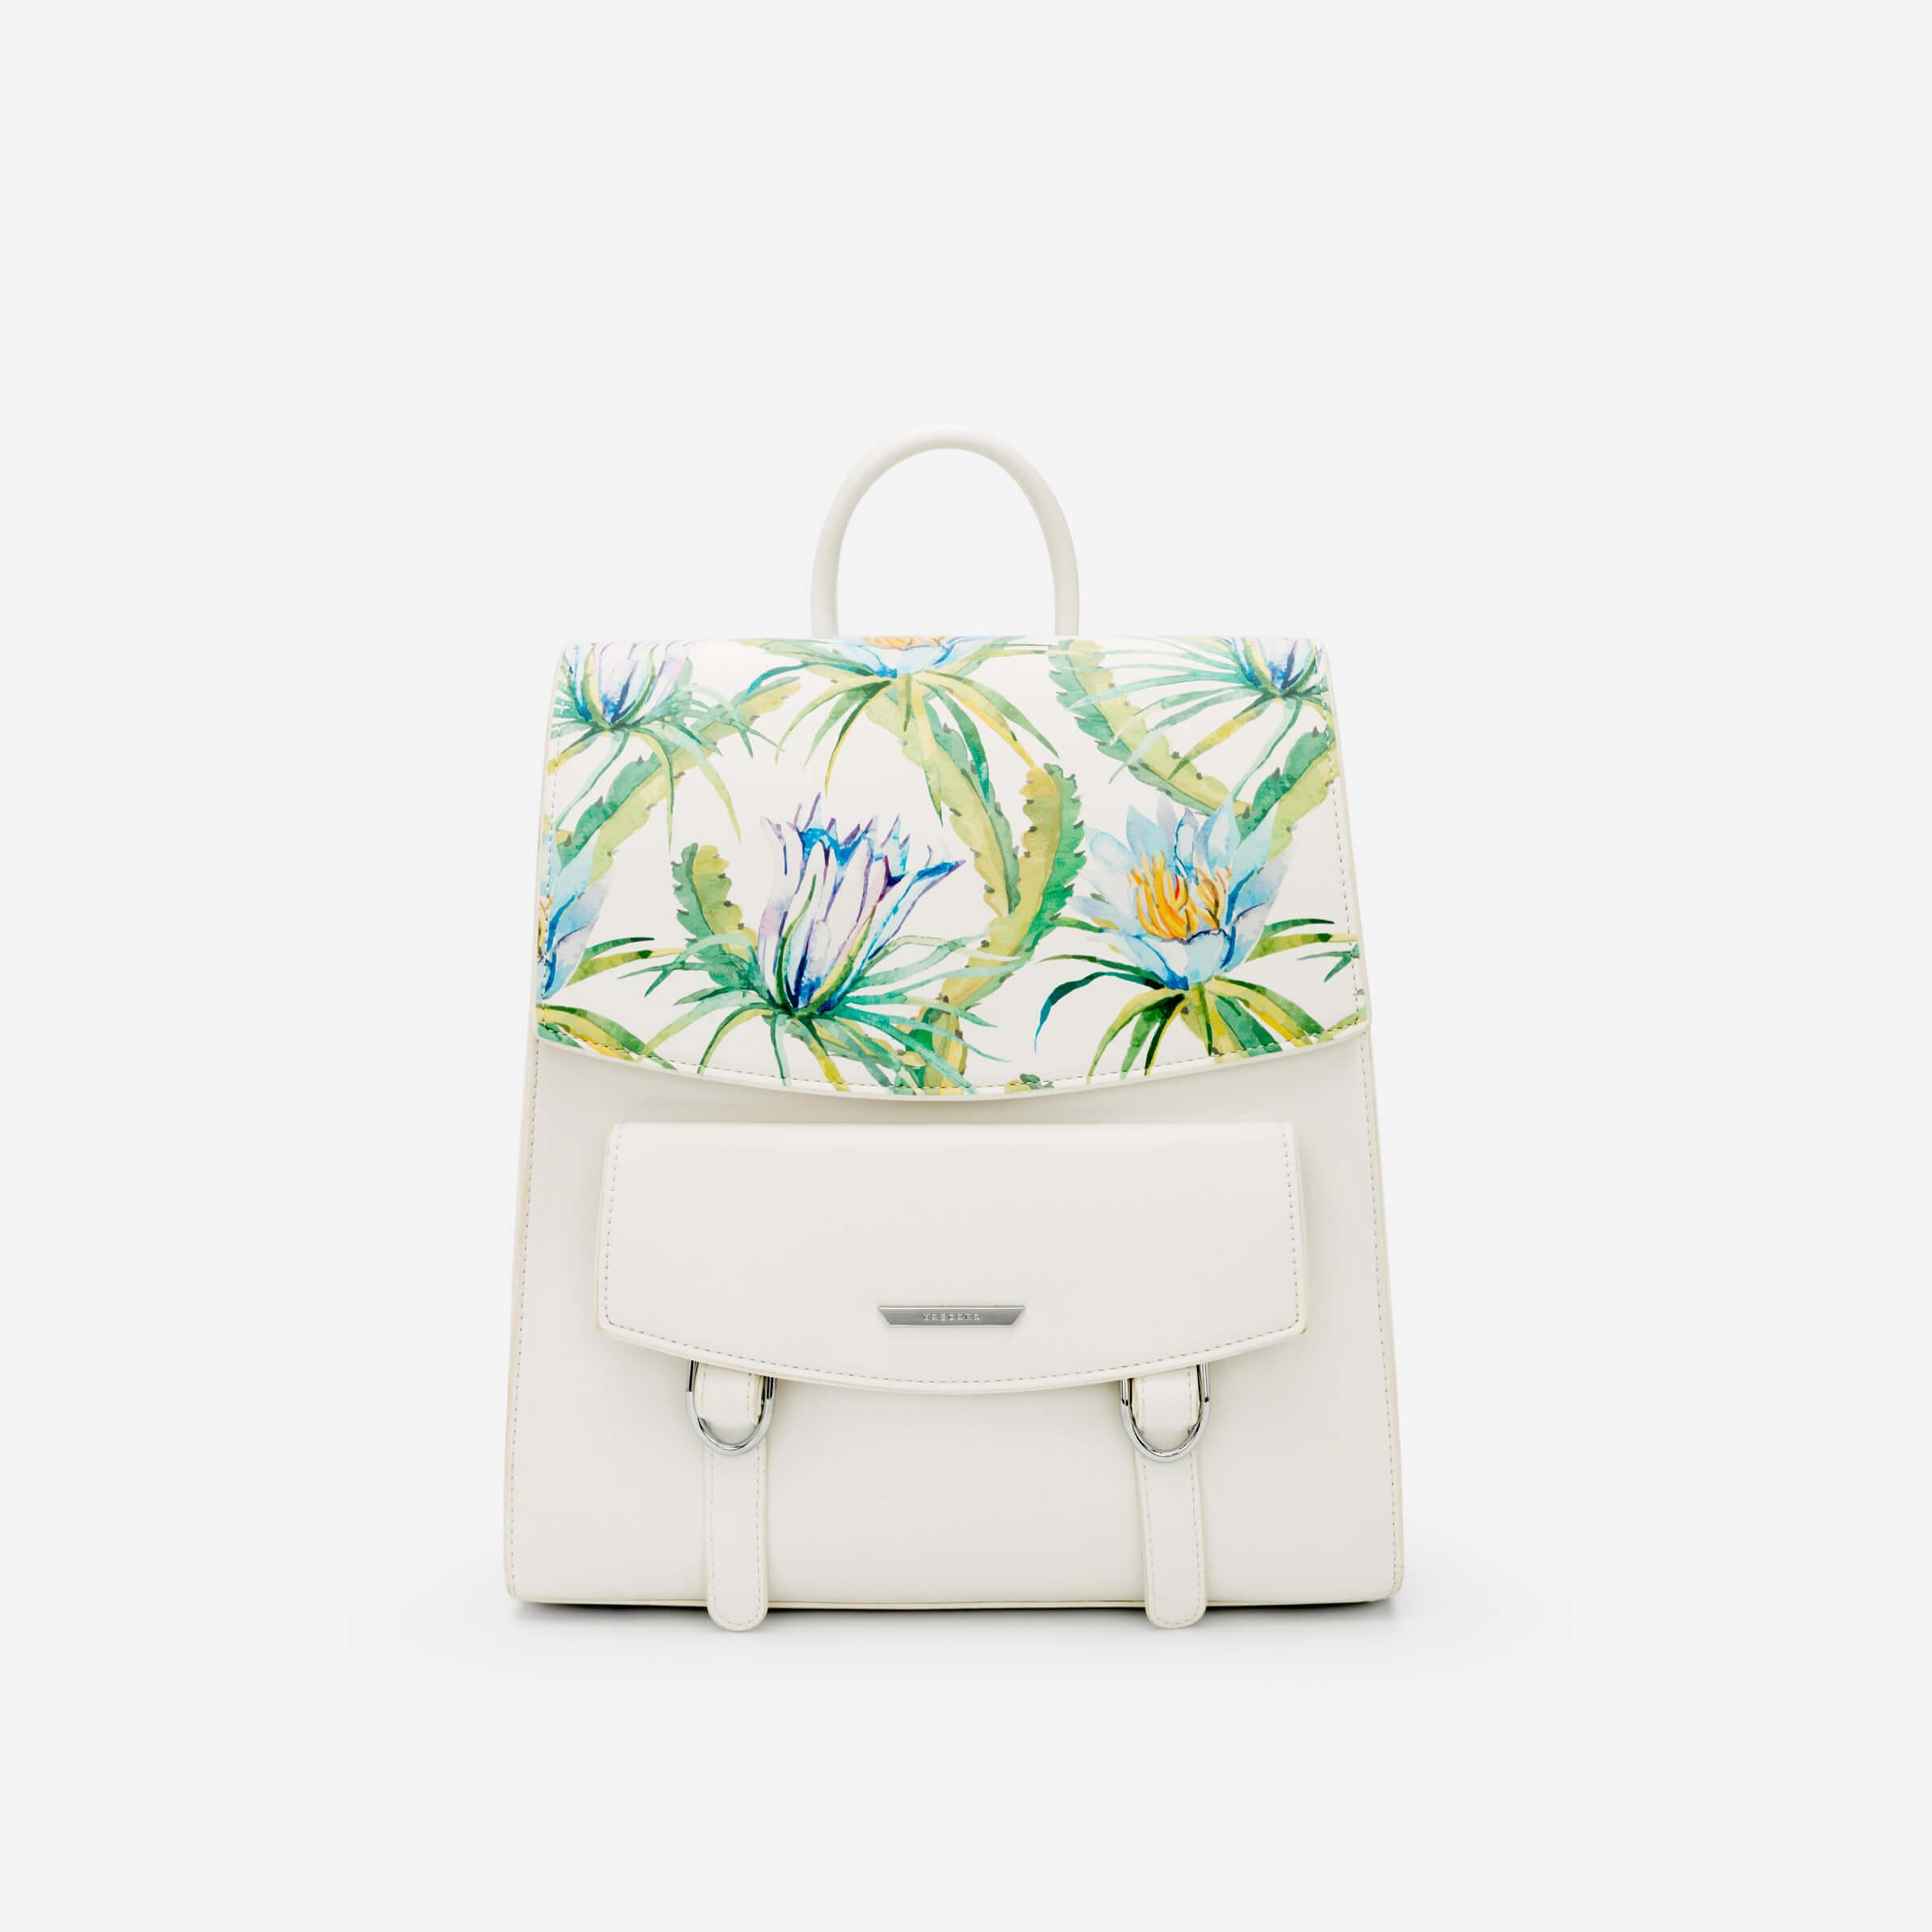 túi xách họa tiết hoa thanh long